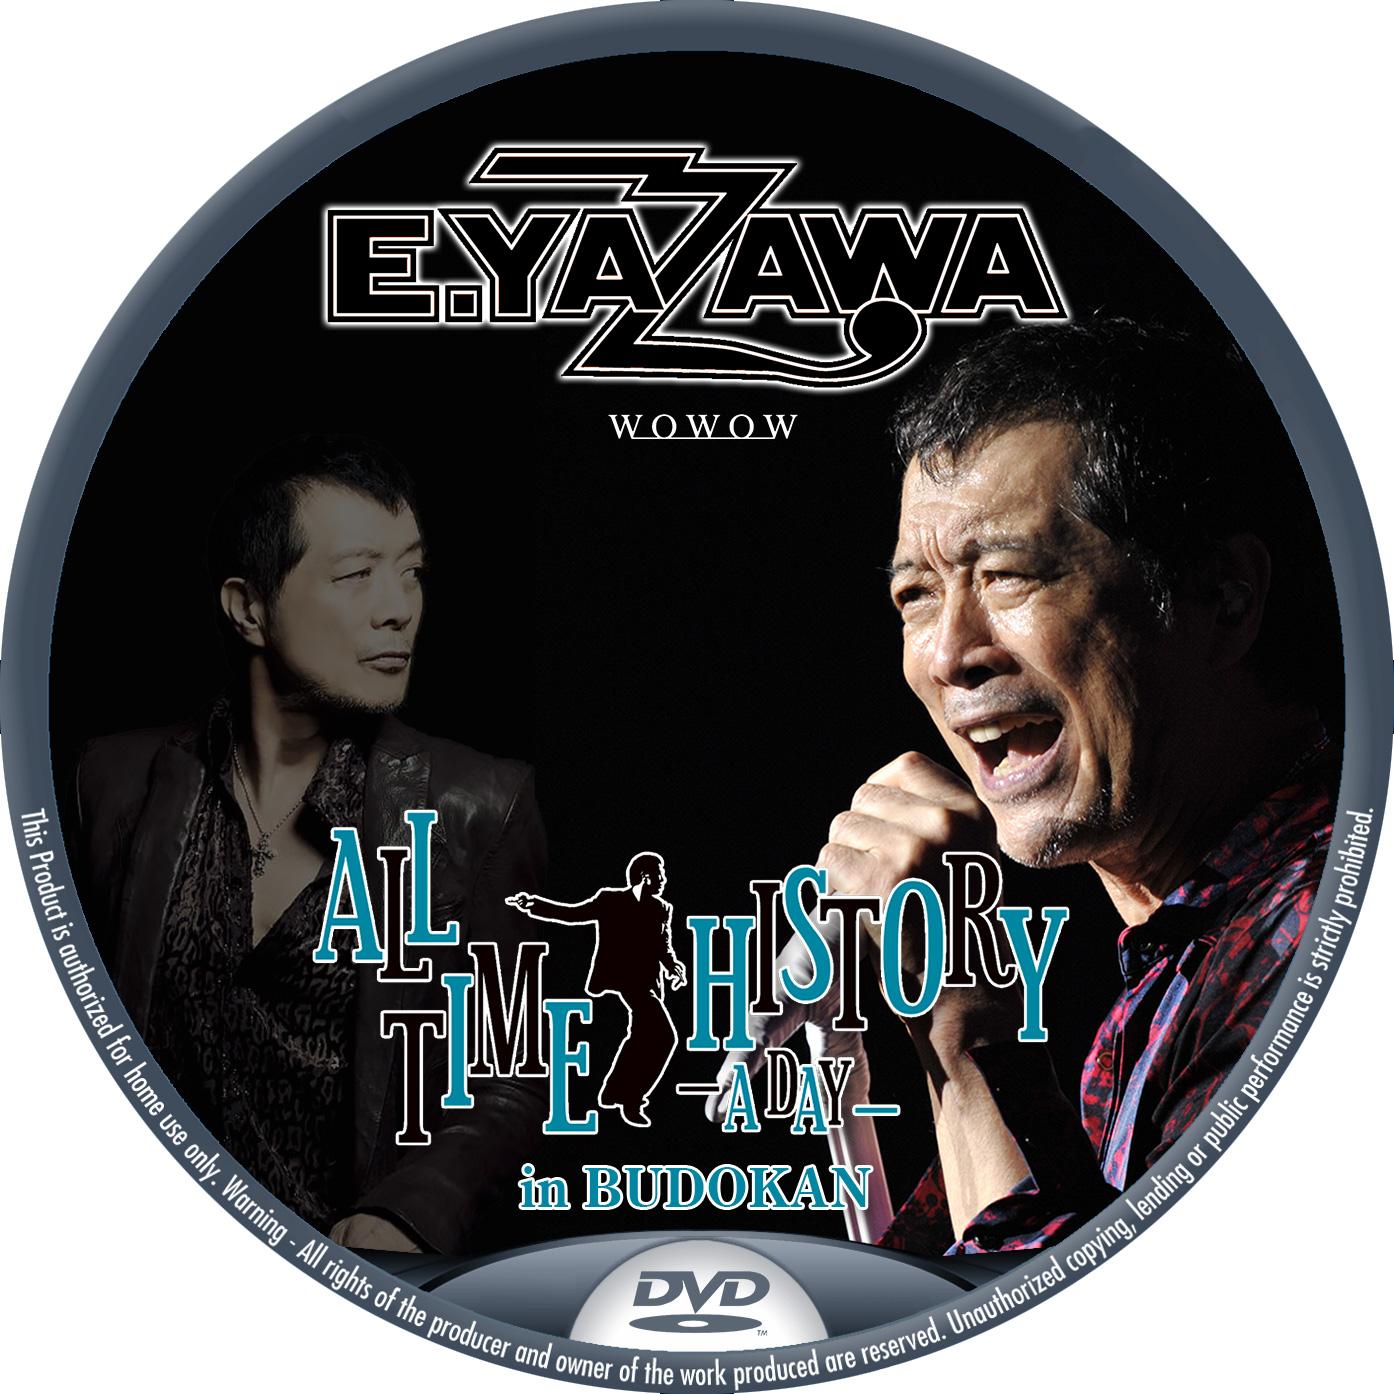 矢沢永吉 WOWOW DVDラベル